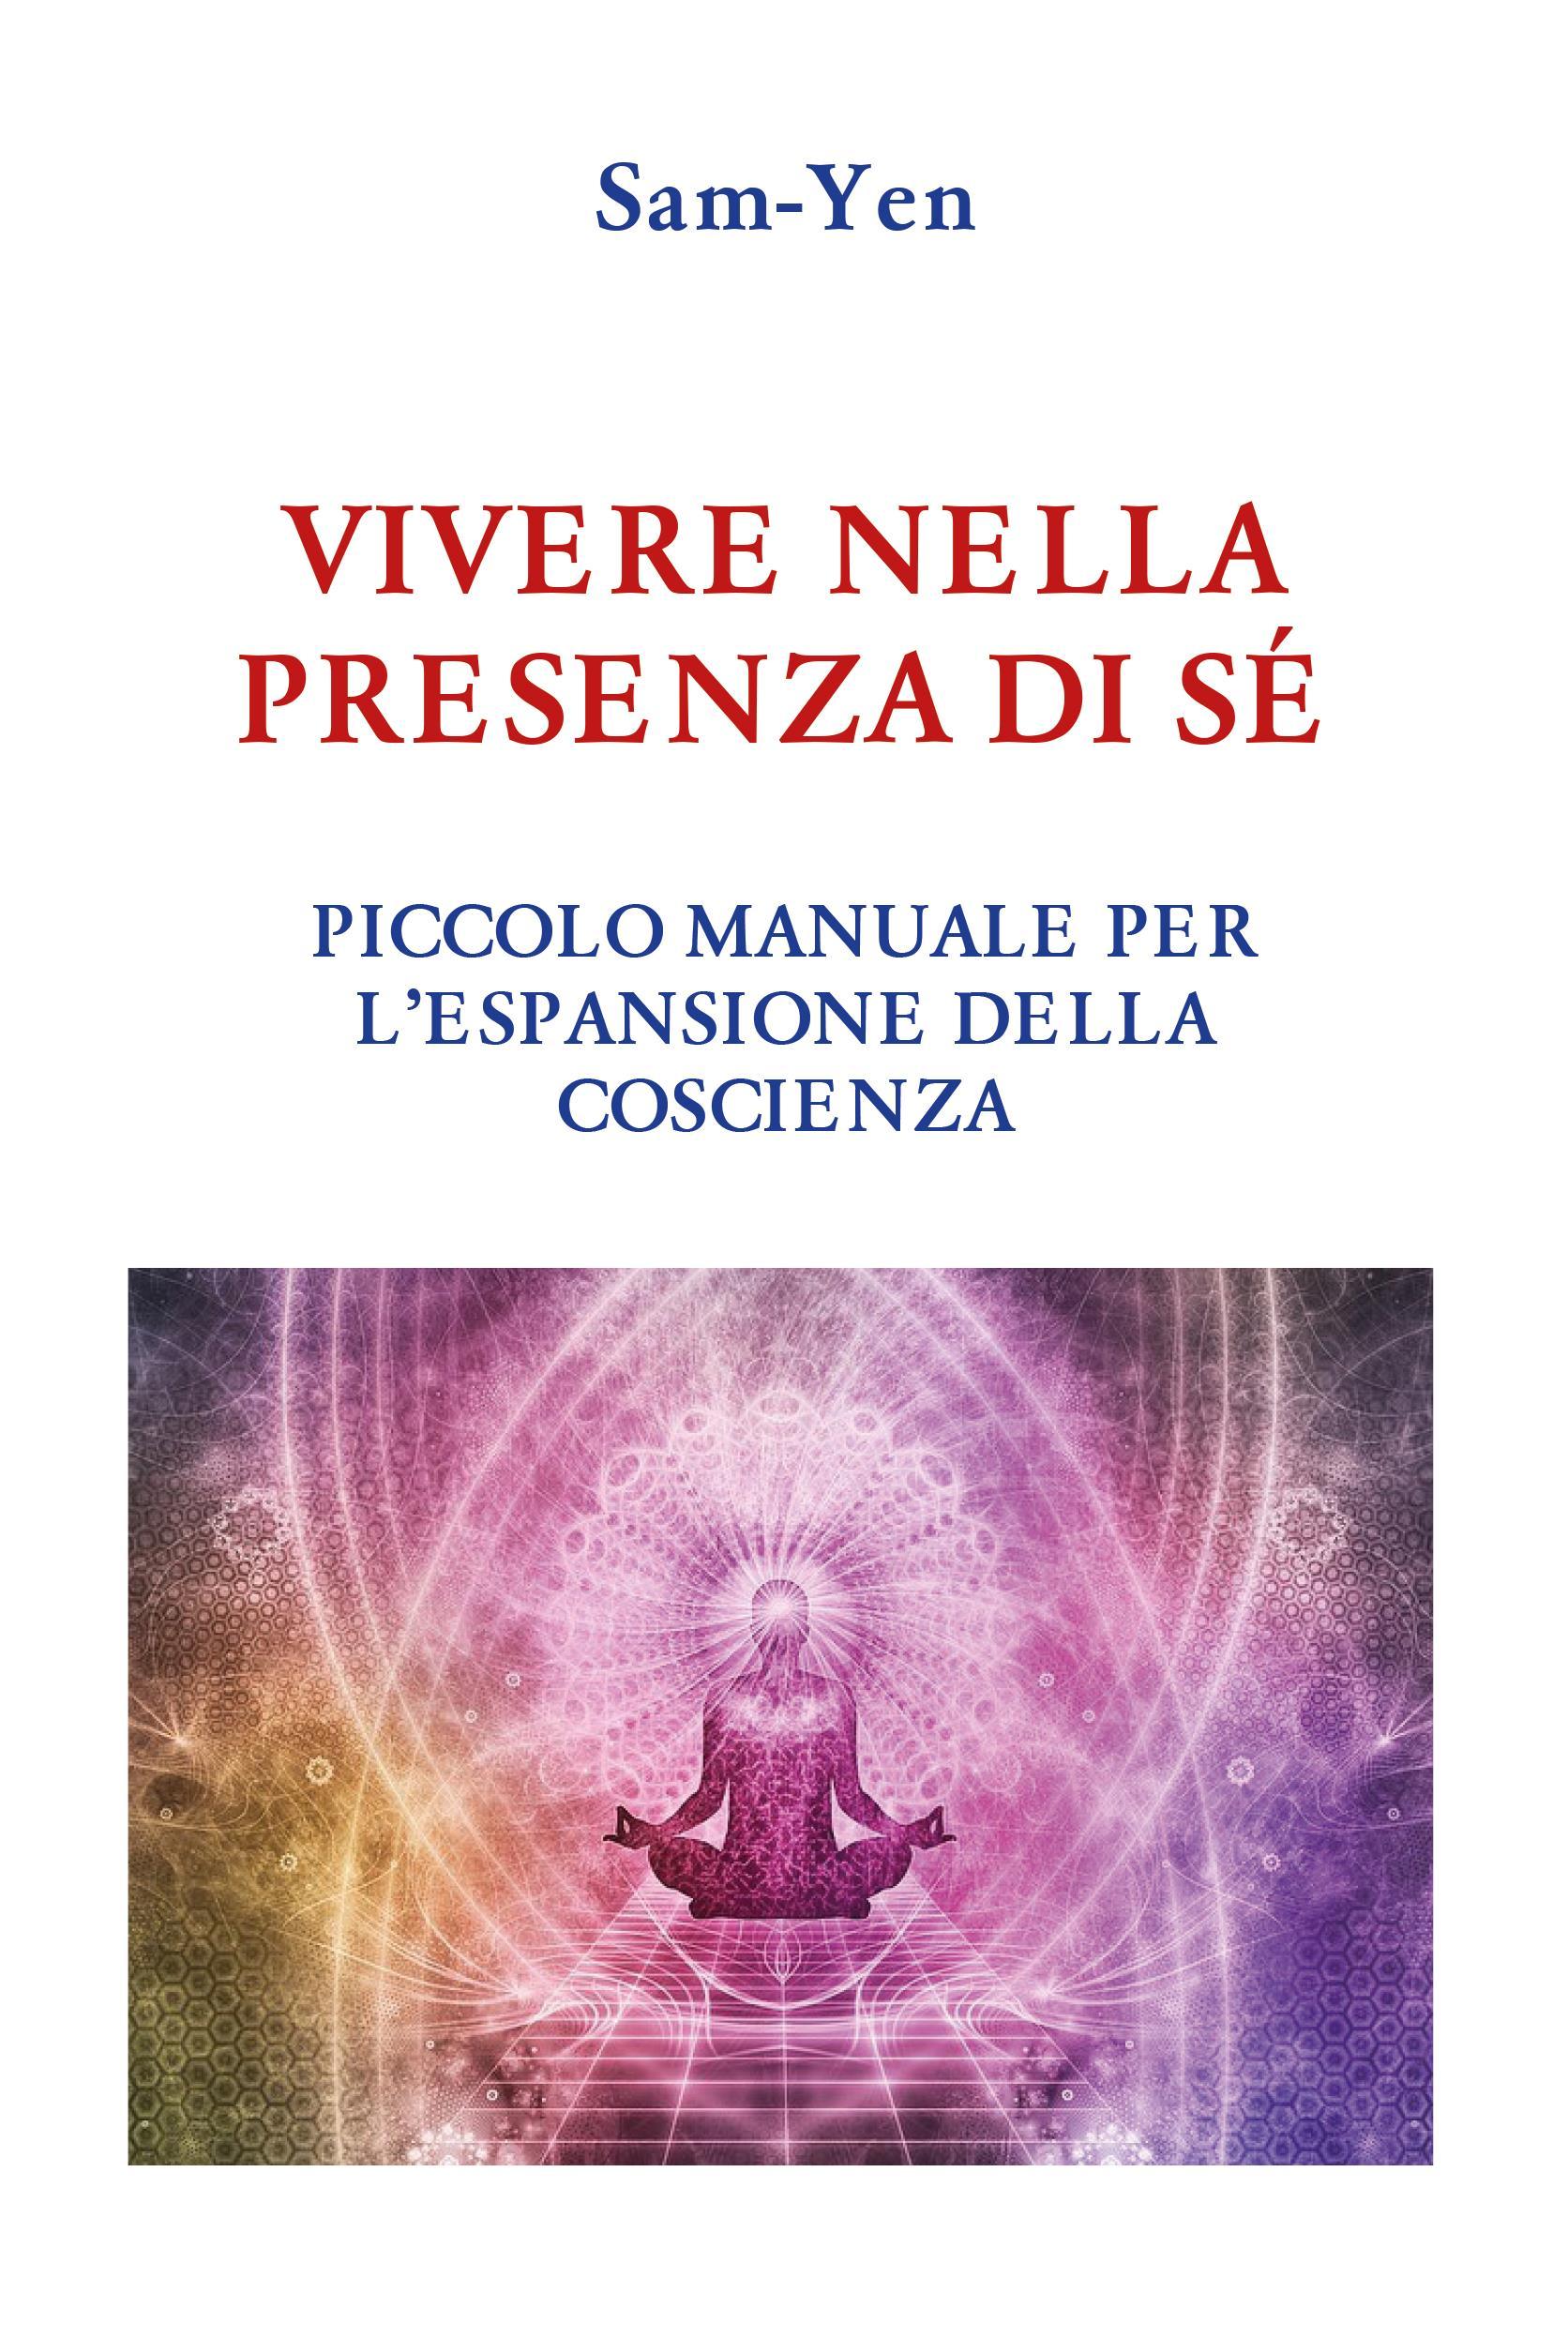 Vivere nella presenza di sé - Piccolo manuale per l'espansione della coscienza